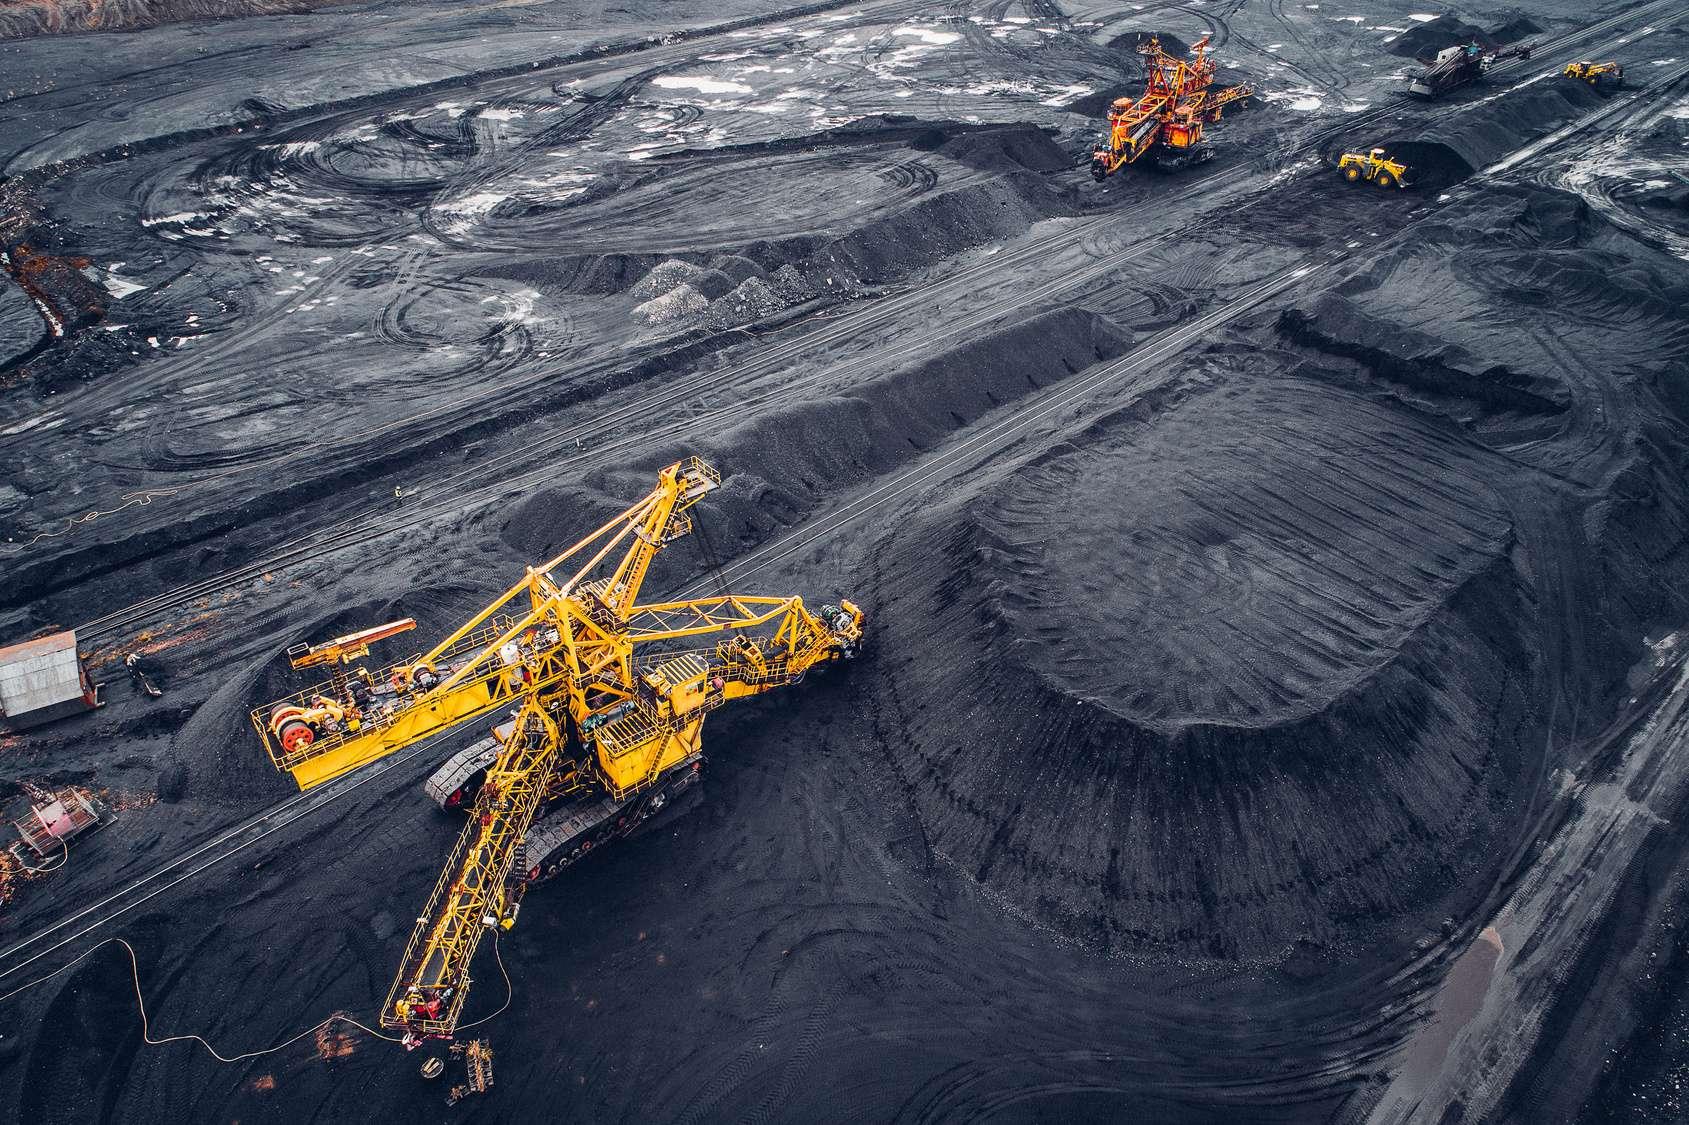 La région de Kemerovo en Sibérie est une grande productrice de charbon. La pollution générée par cette activité est montrée du doigt pour expliquer la neige noirâtre tombée sur les villes de la région. © agnormark, Fotolia